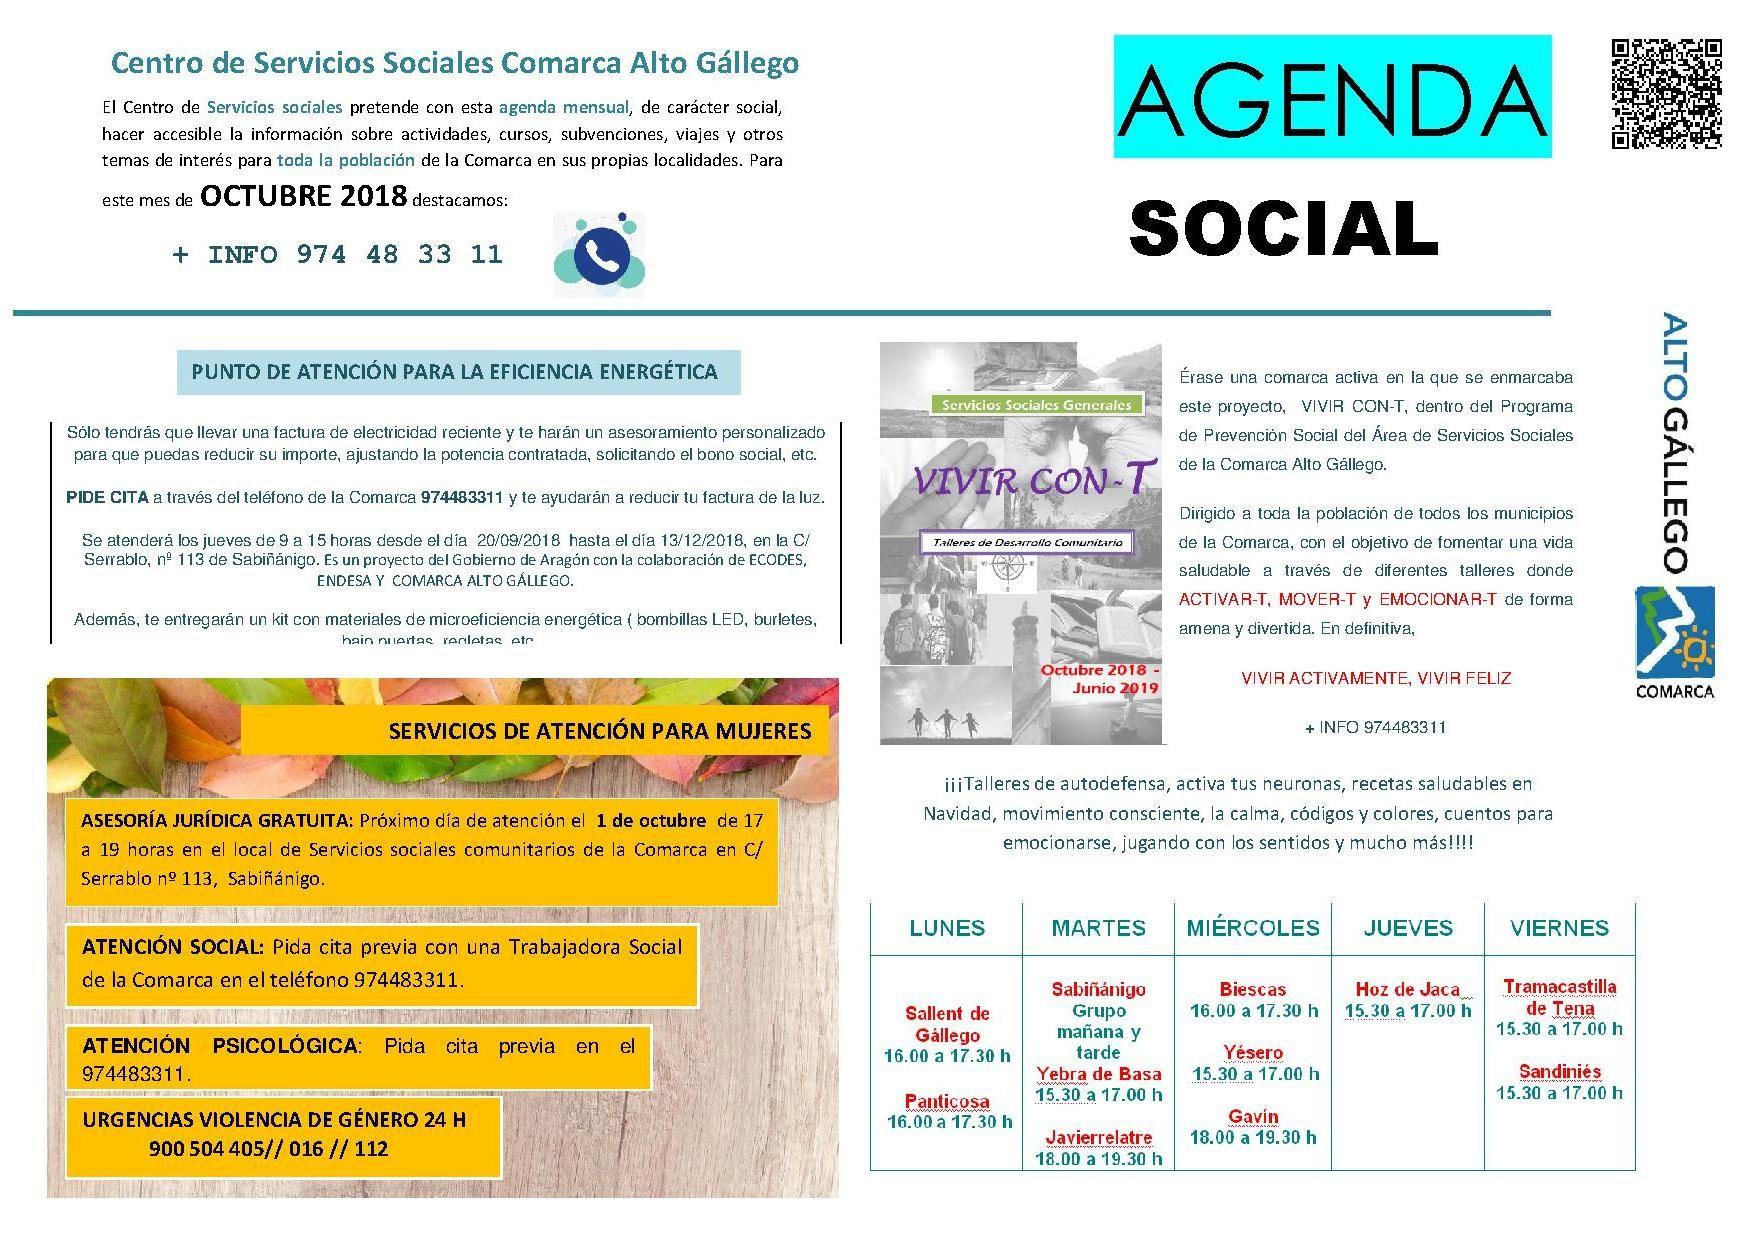 Calendario Escolar 2019 Huesca Más Arriba-a-fecha Plantilla De Personal Arca Alto Gallego Bienvenidos A La Web Of Calendario Escolar 2019 Huesca Recientes atletismo Divertido